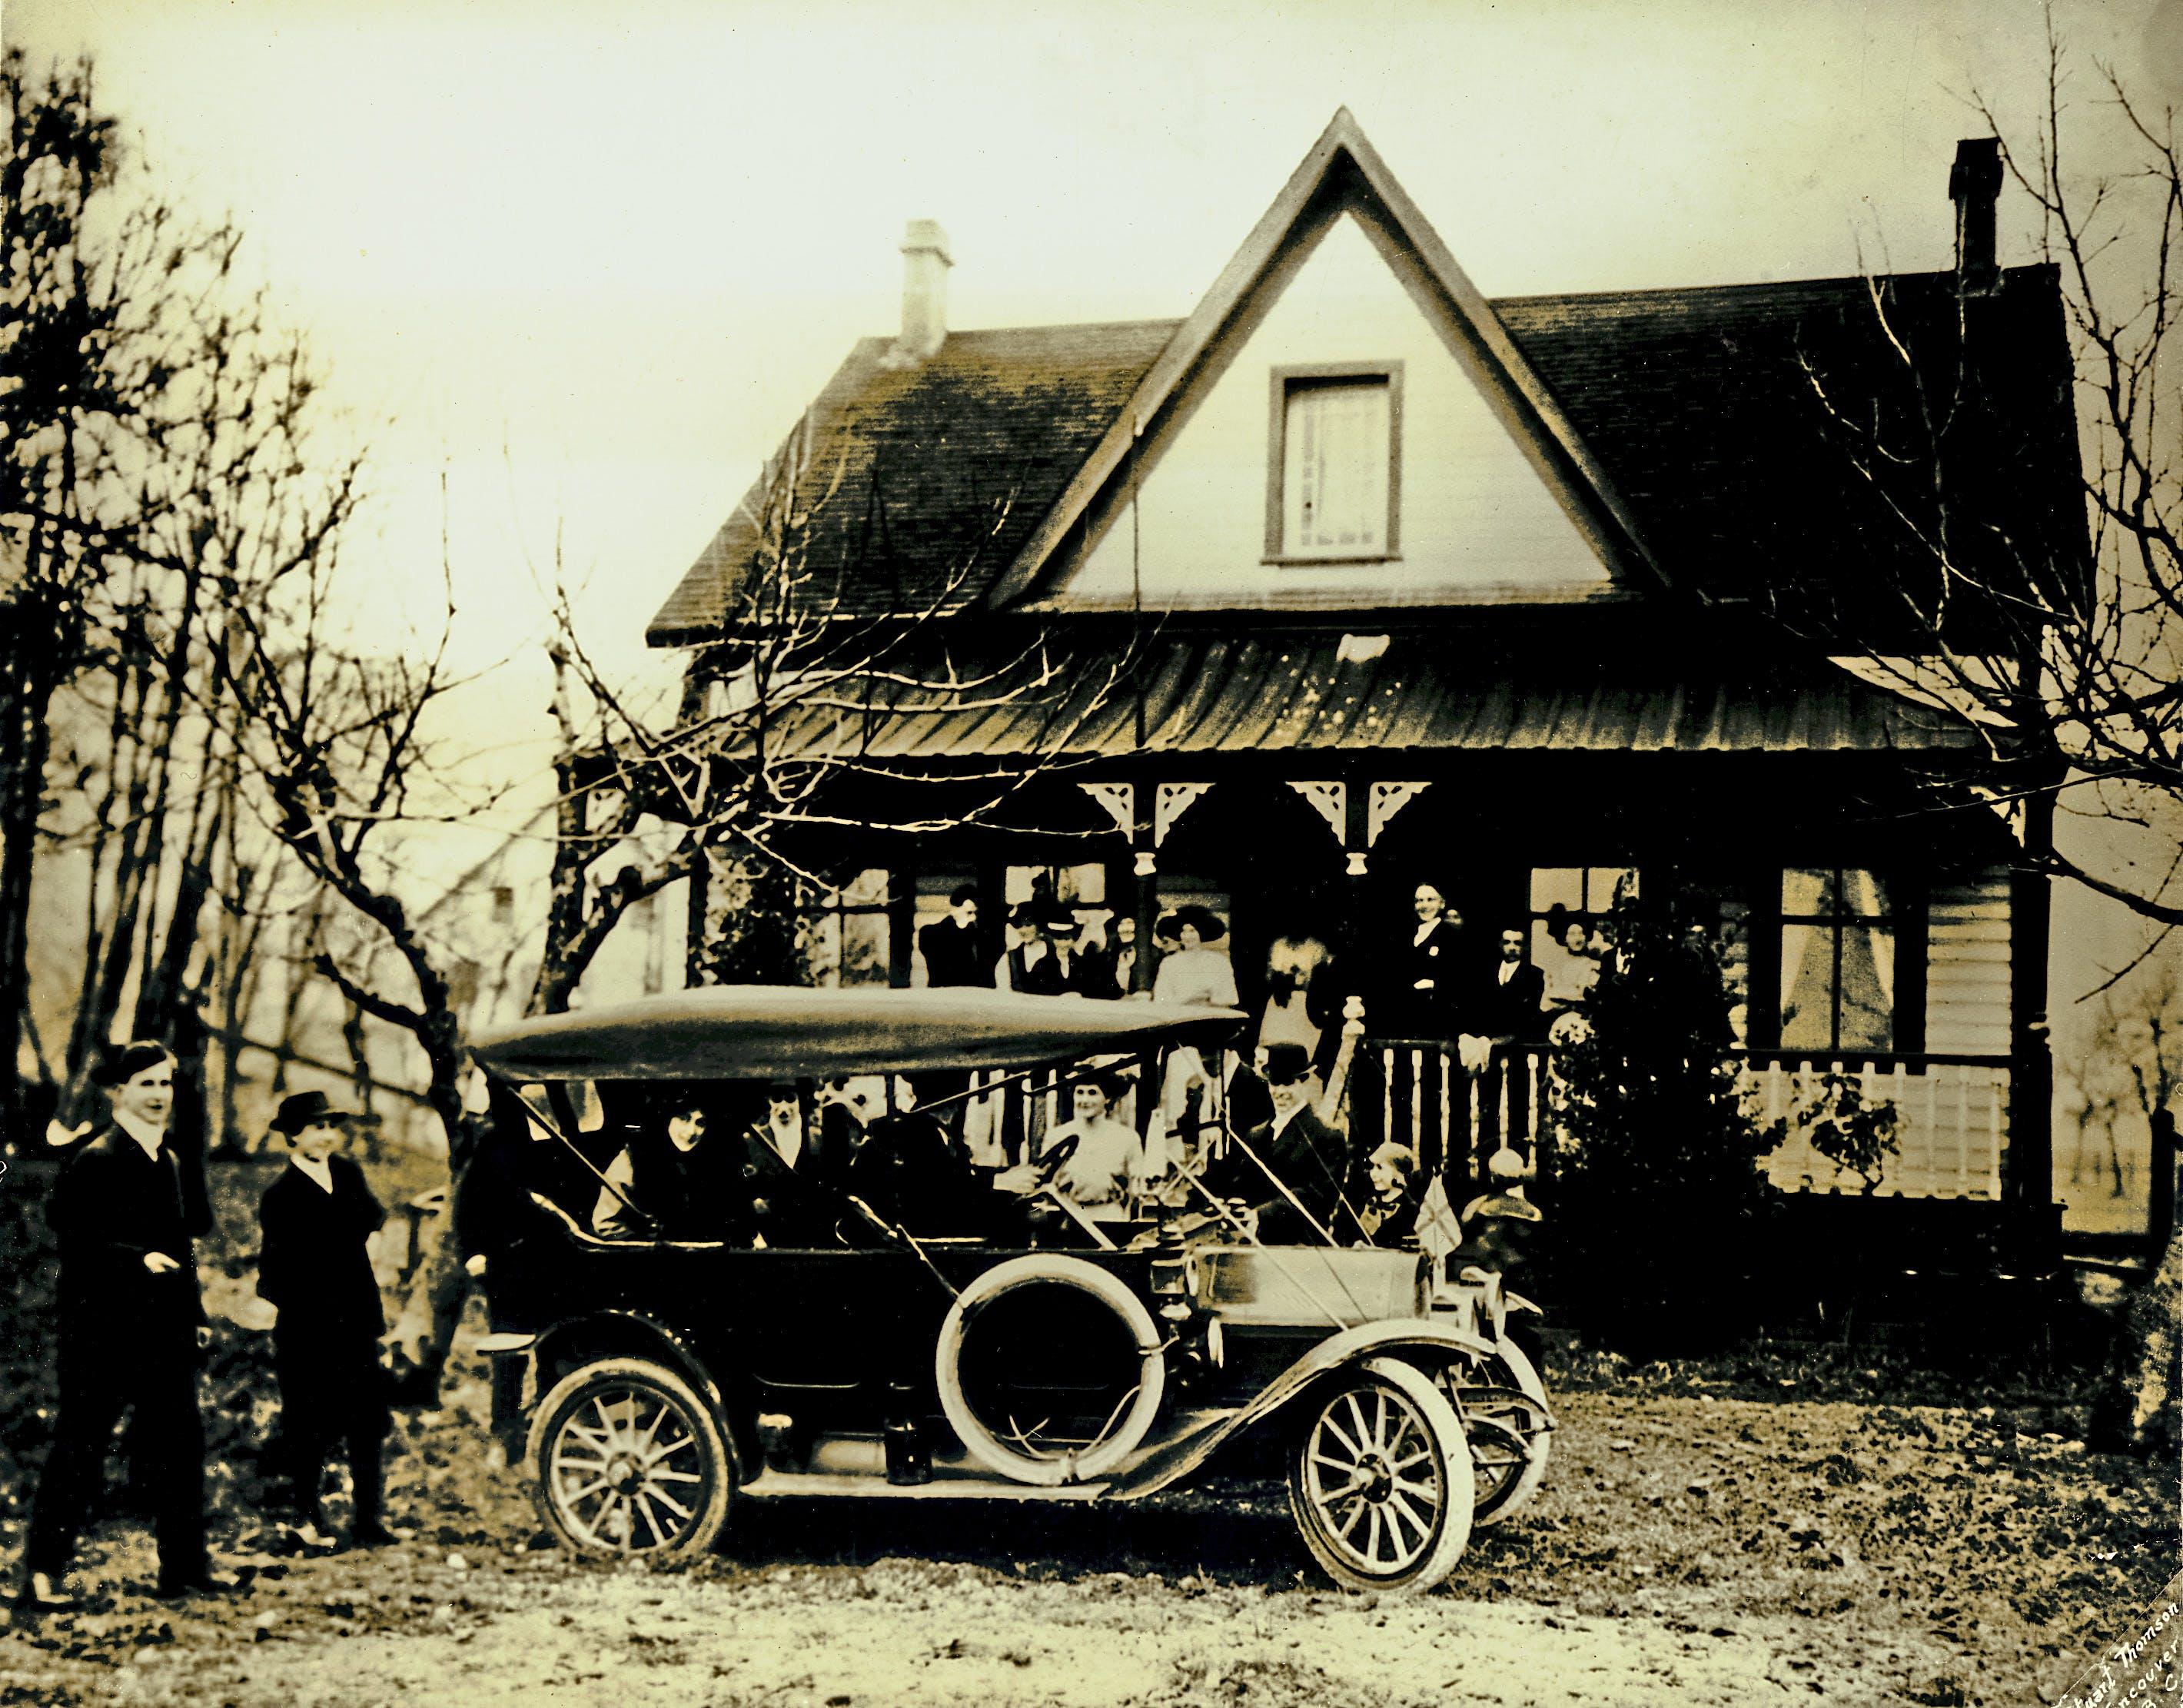 Circa 1914